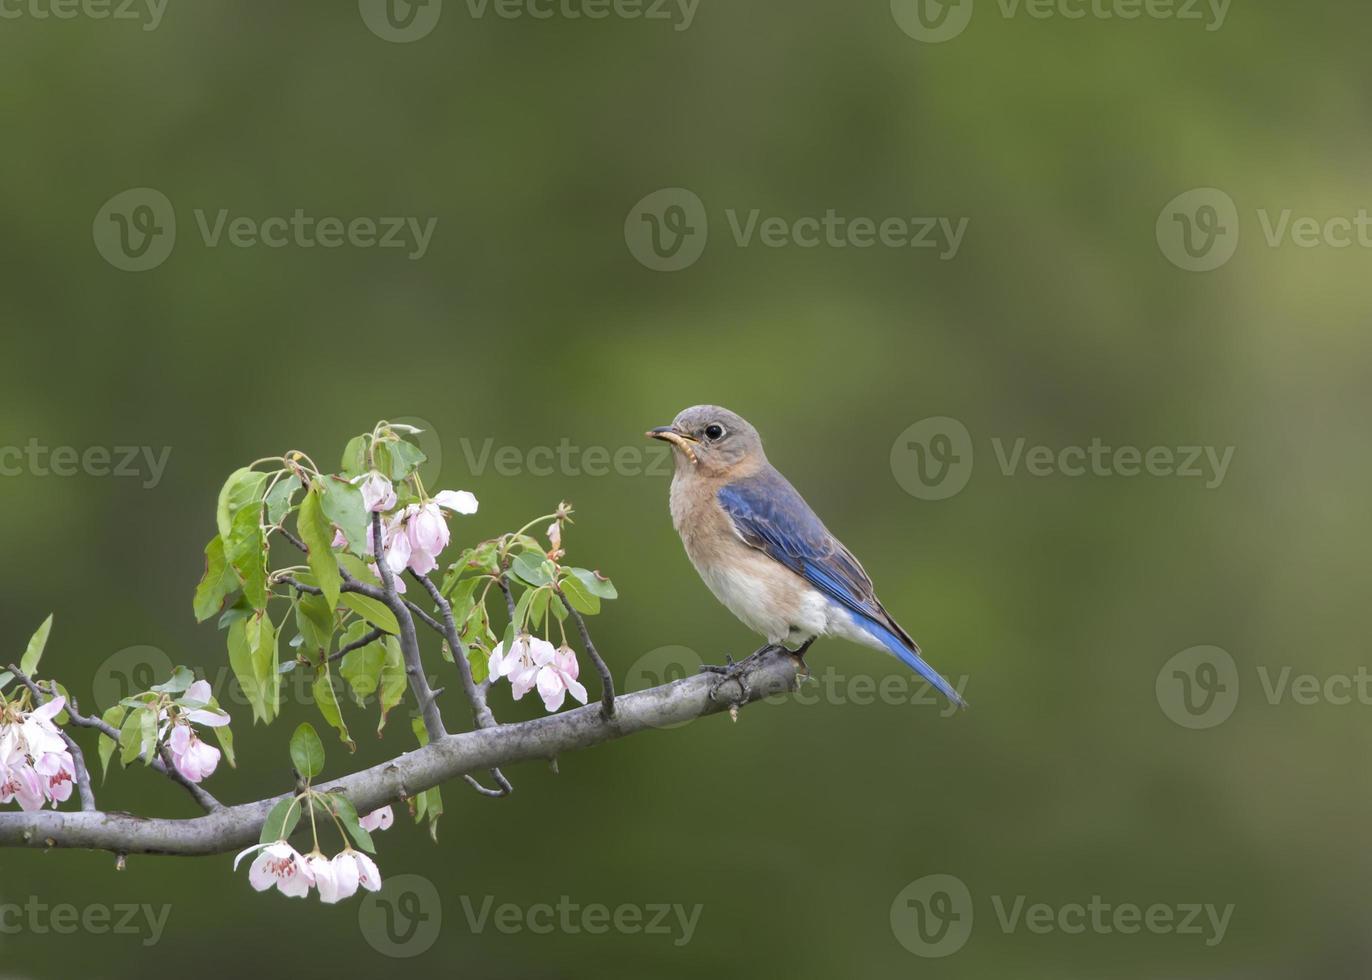 merlebleu de l'Est femelle perché de fleurs roses photo